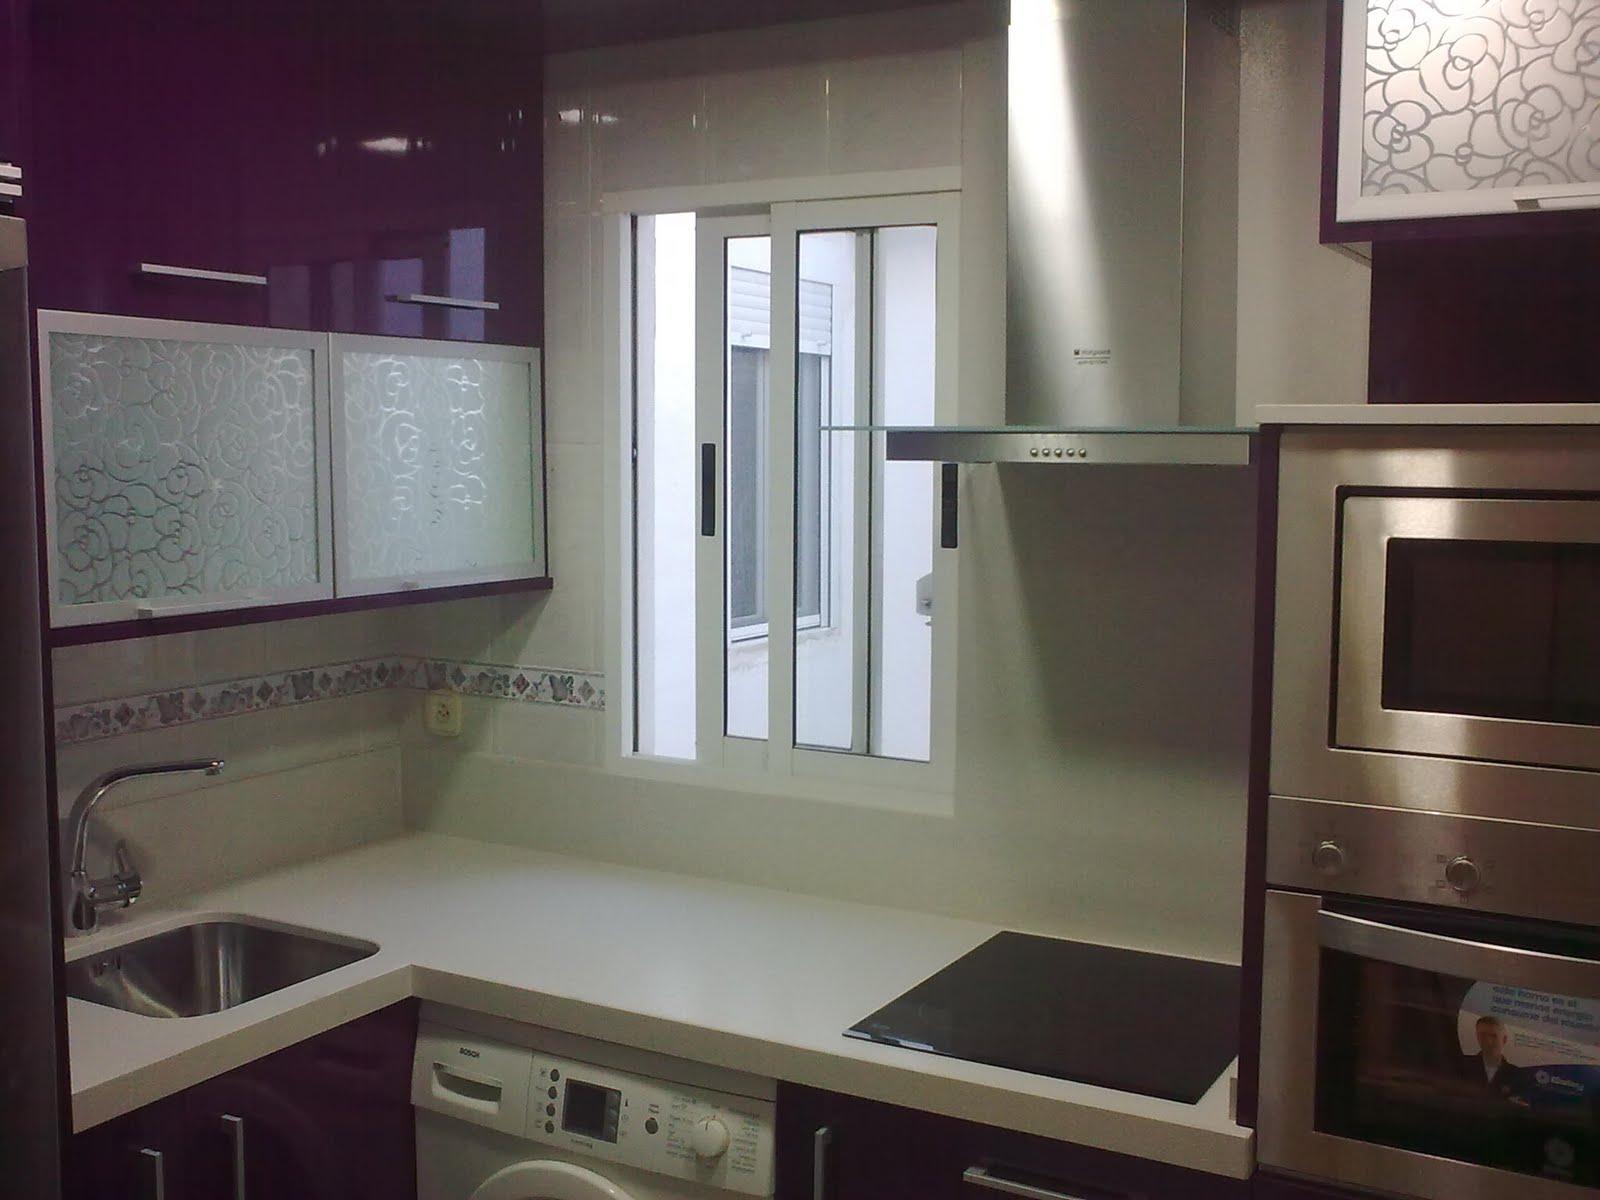 Cocinaszaragoza aprovechar espacios peque os - Aprovechar espacio cocina ...